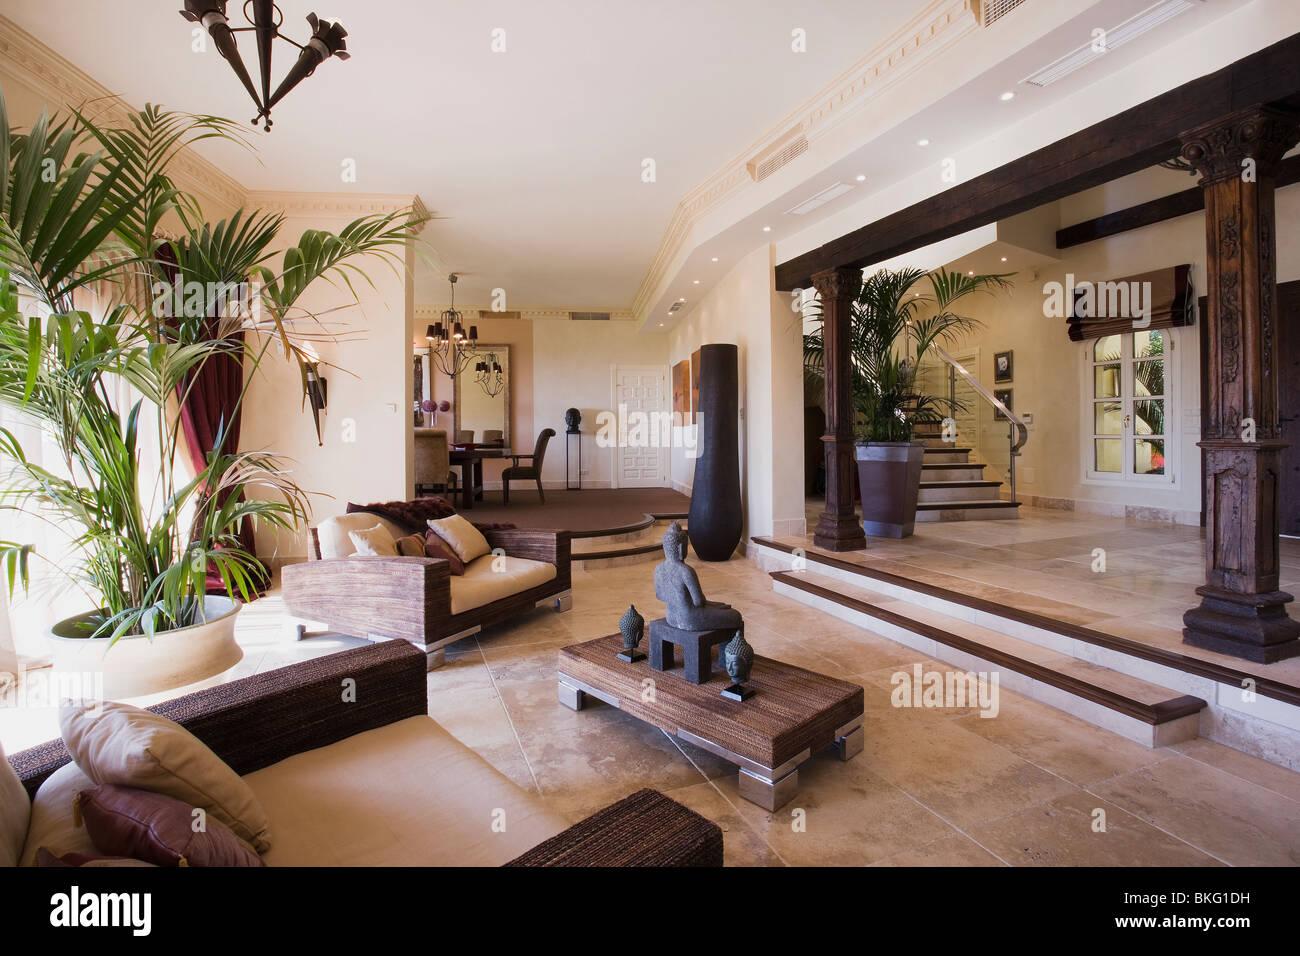 Große Zimmerpflanze in große offene Halle Wohnzimmer in moderne ...